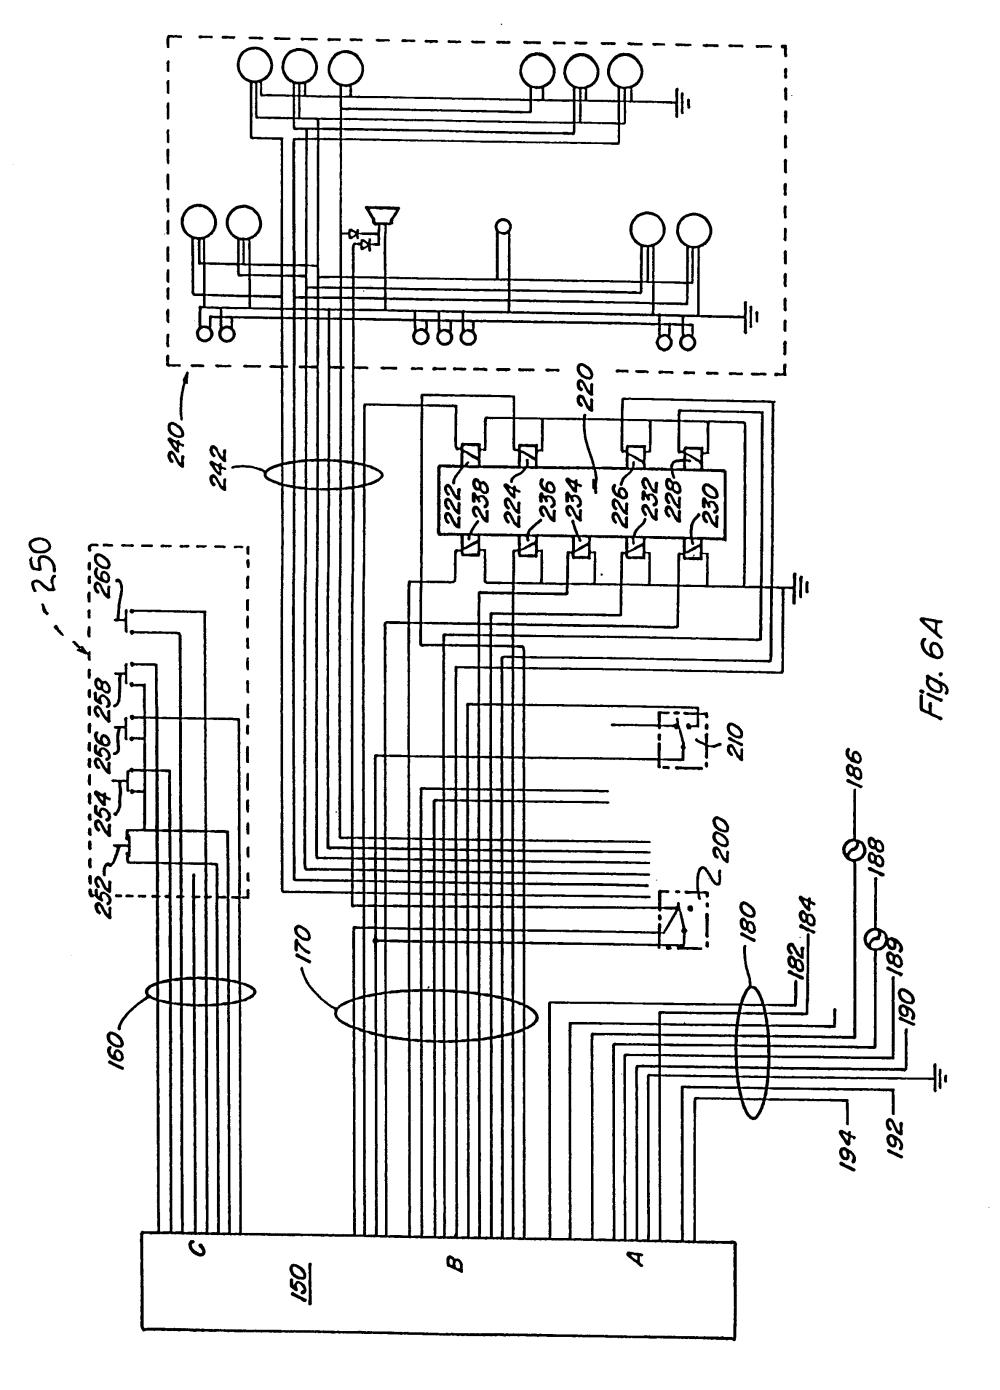 medium resolution of mcneilus wiring schematic rear packer fe wiring diagrams mcneilus wiring schematic dust collector mcneilus wiring schematic